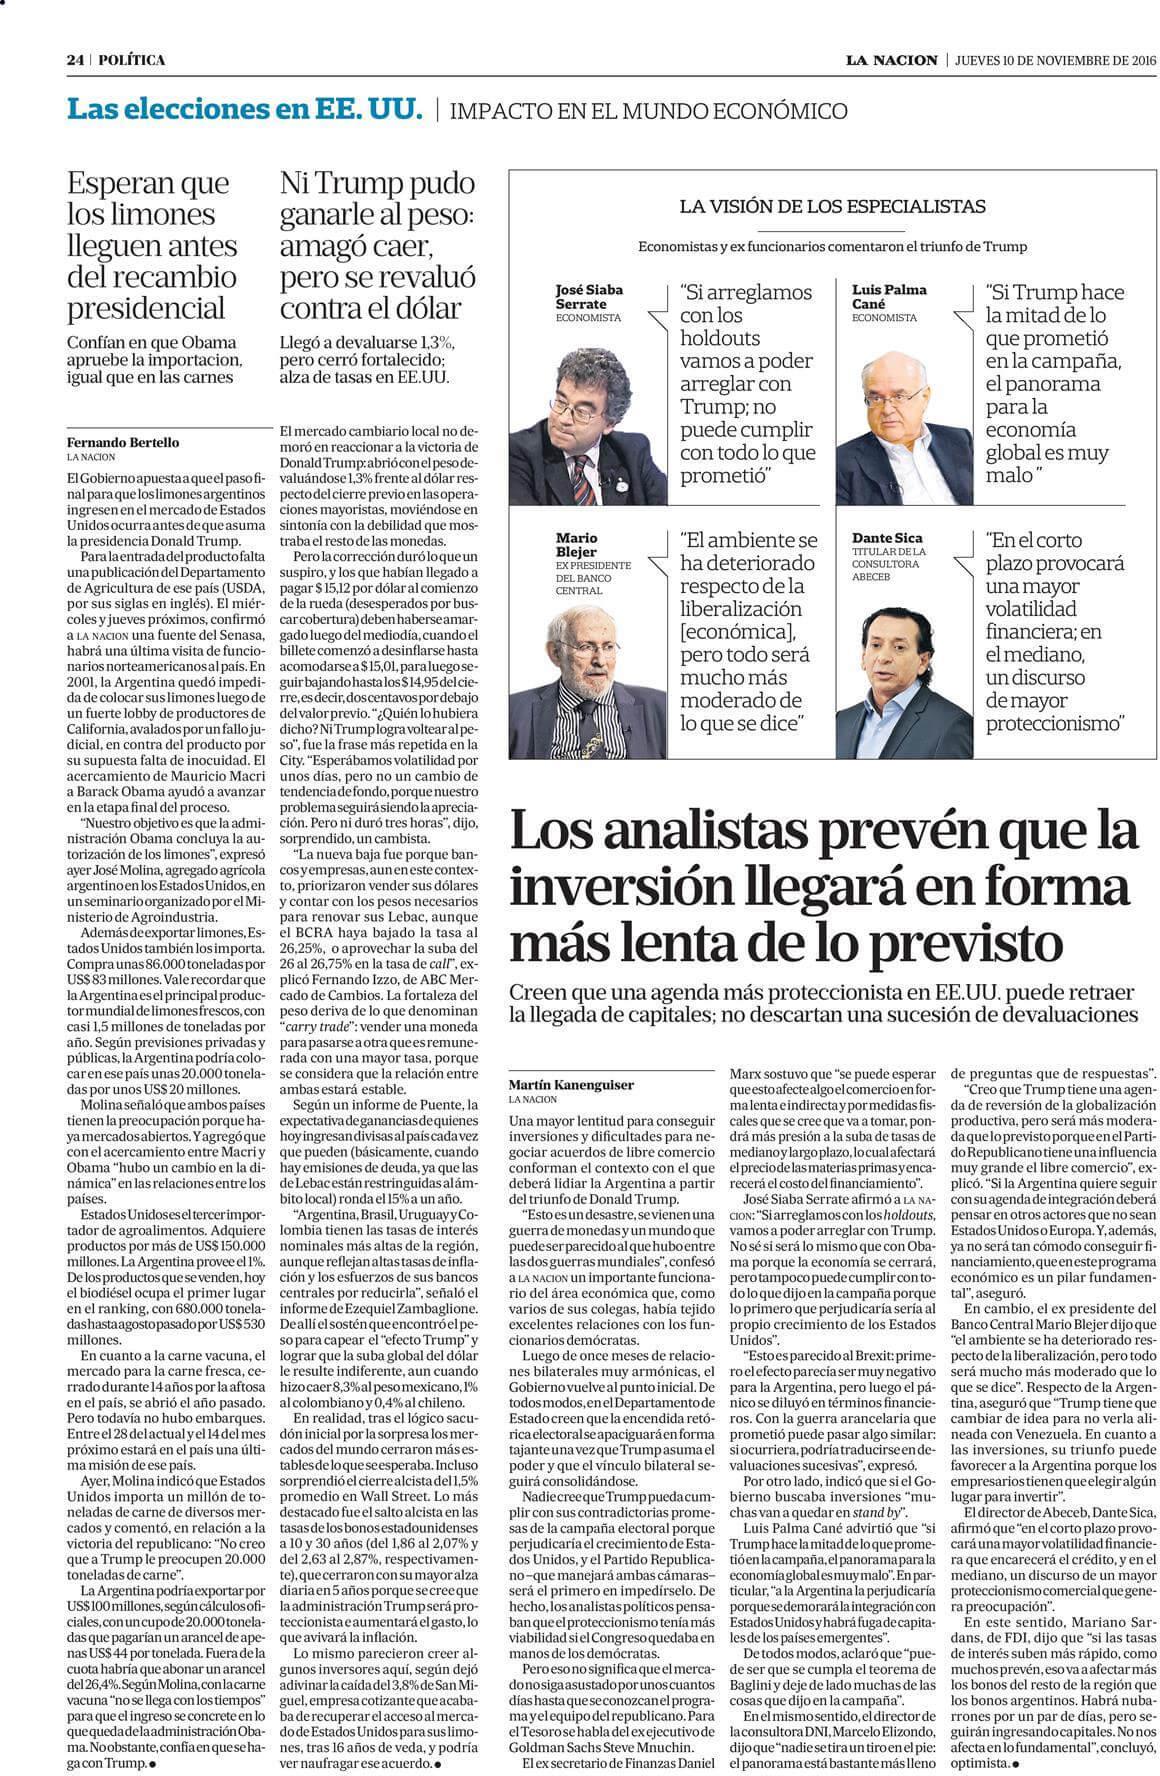 La Nación 10-11